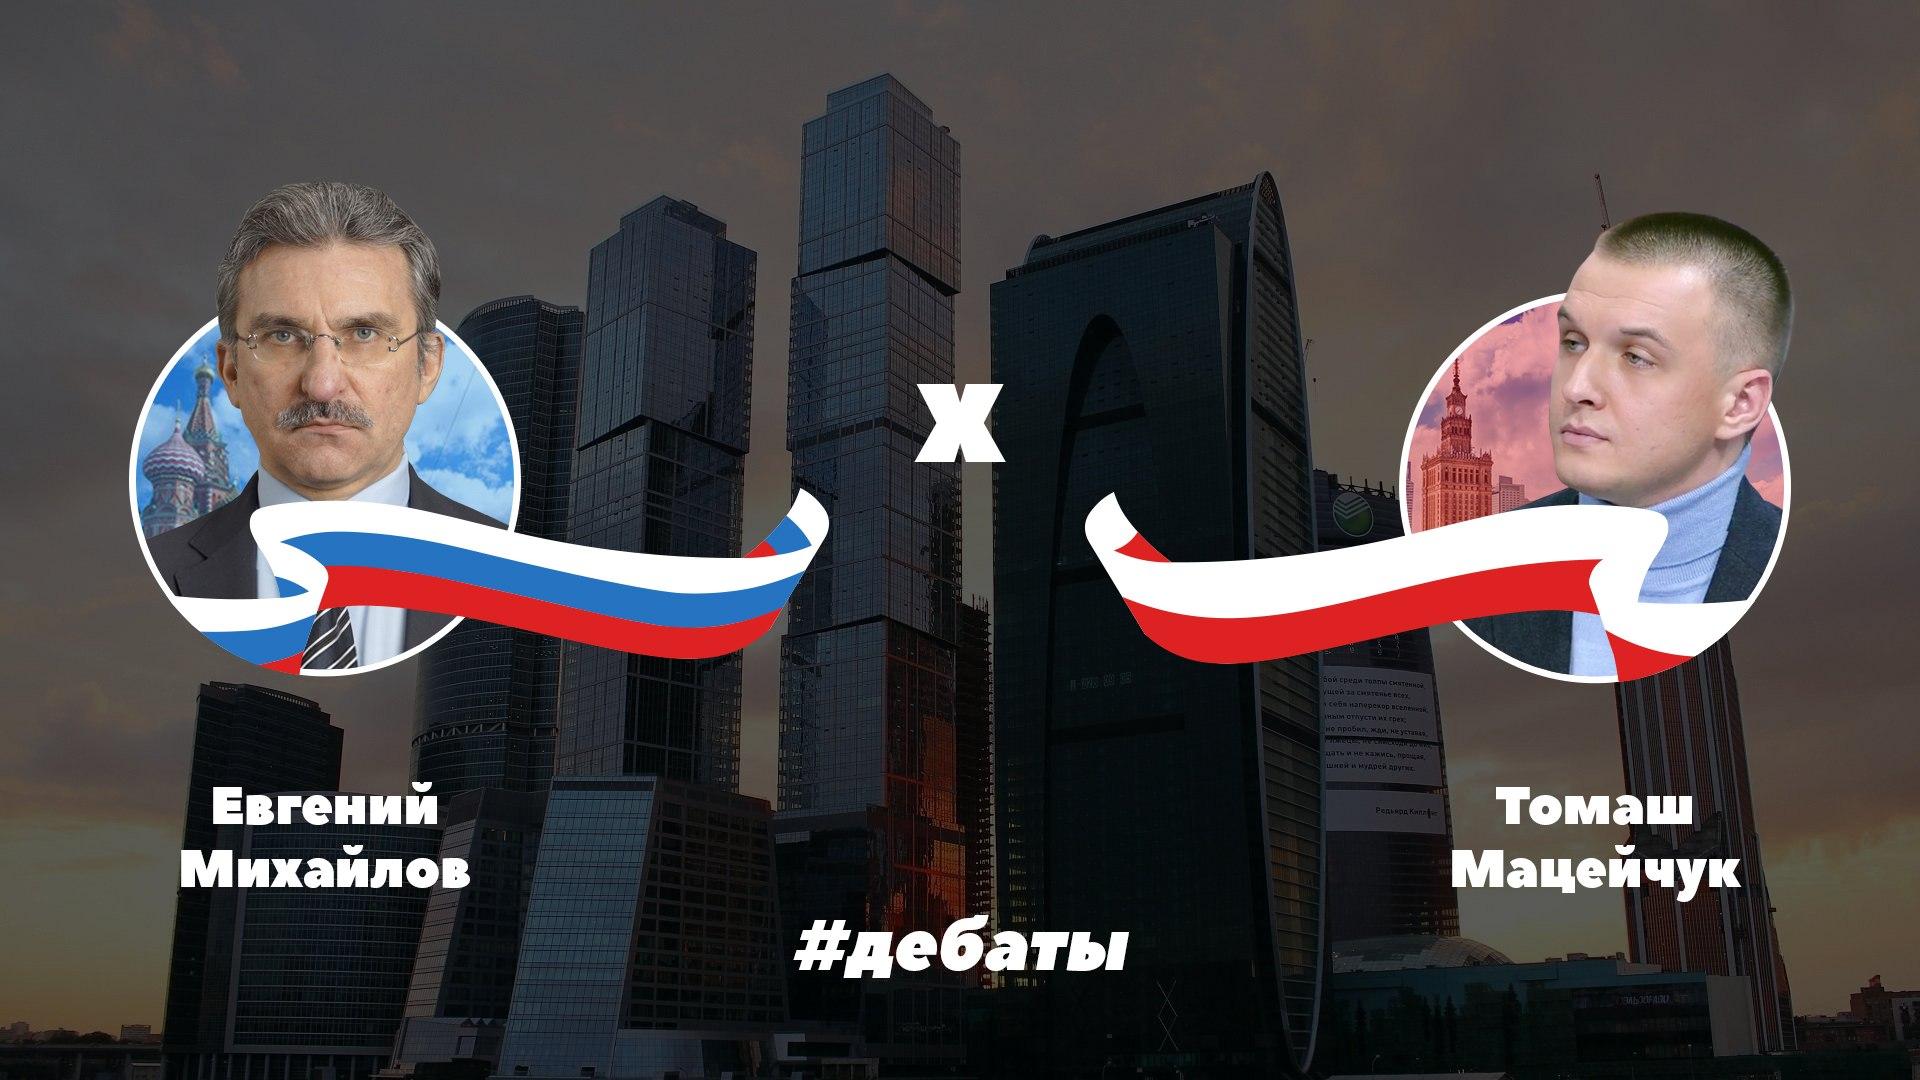 дебаты между Стрелковым и Навальным